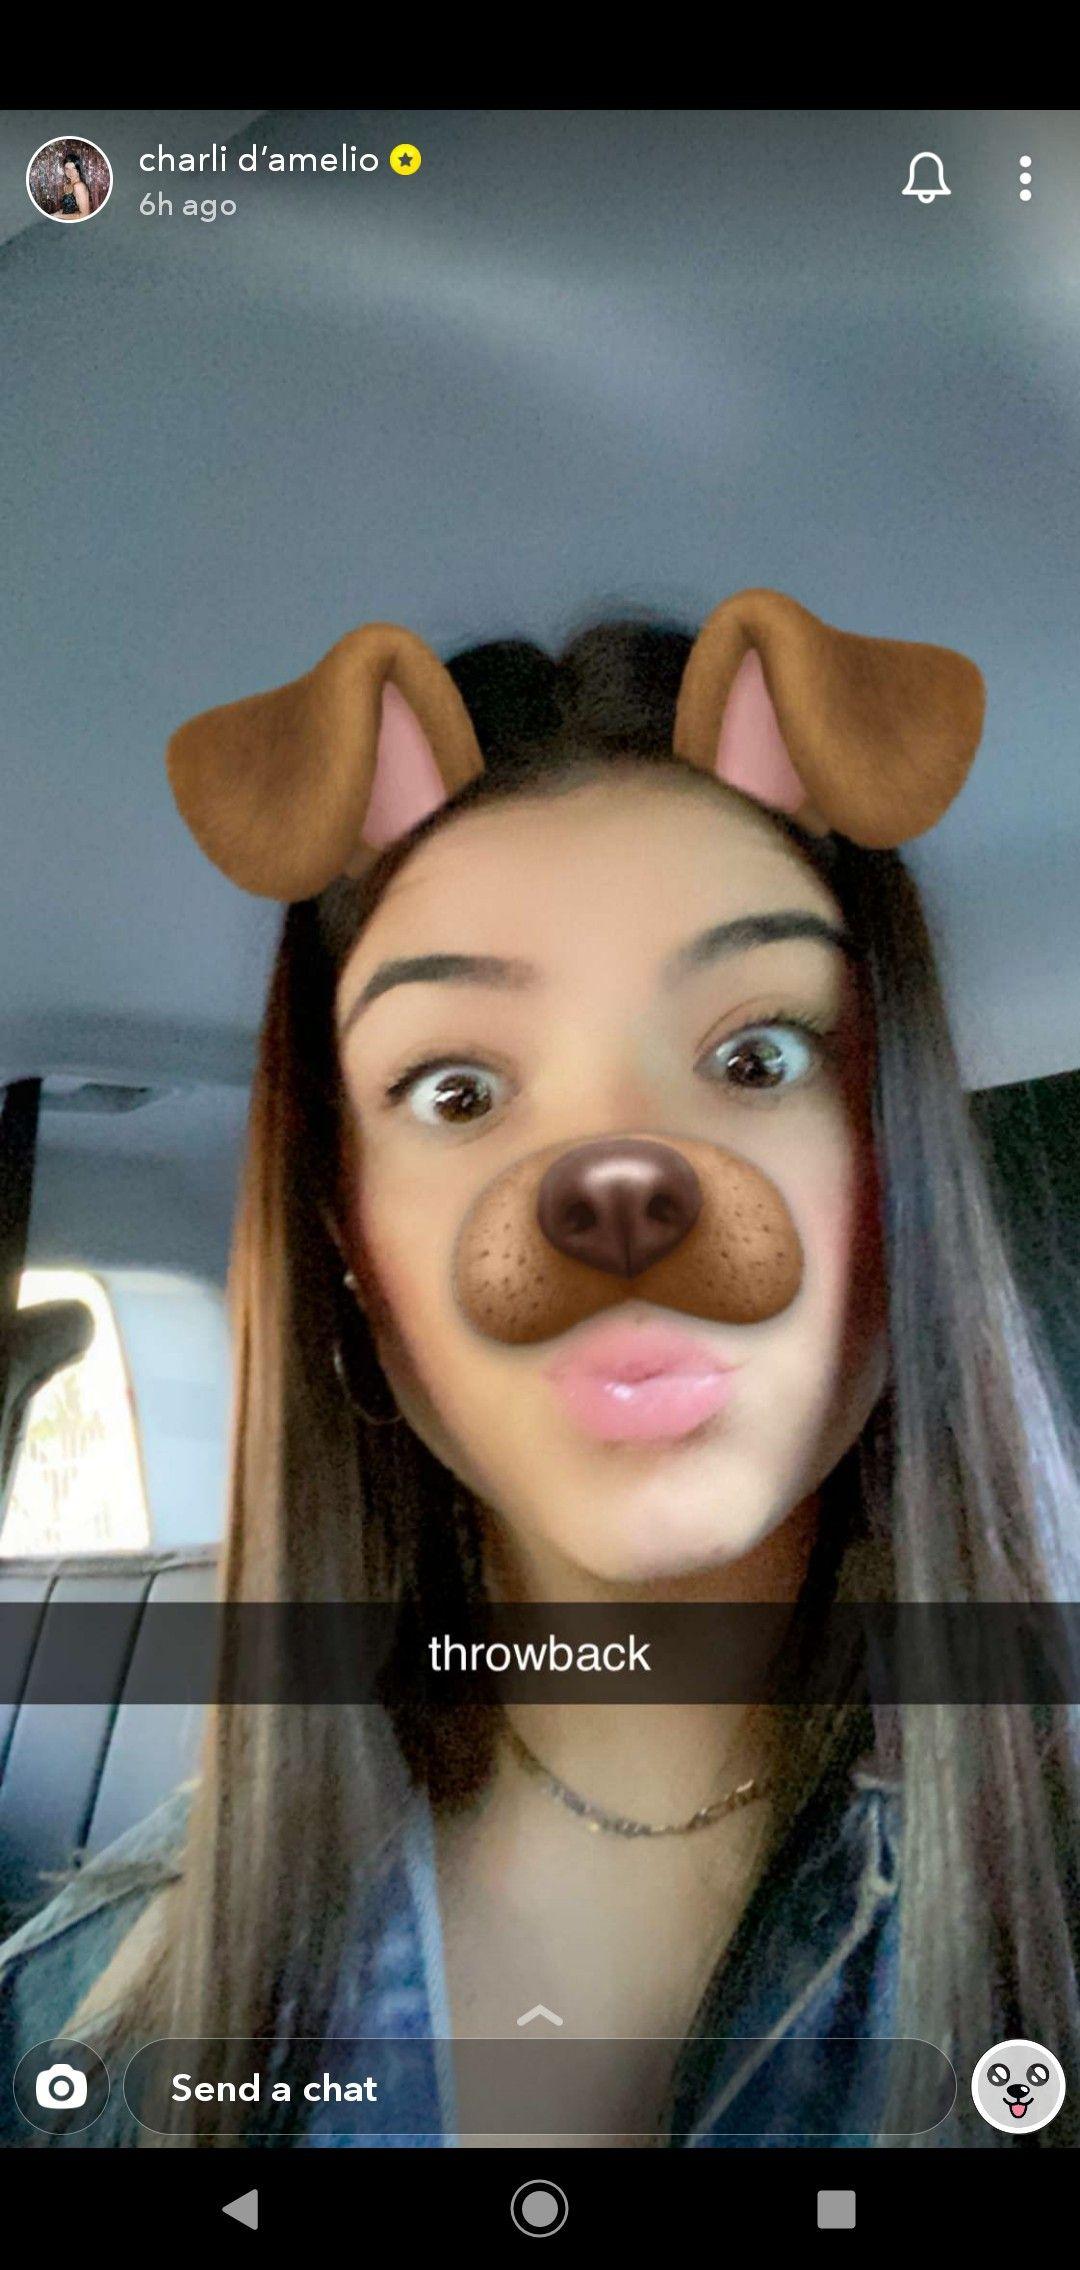 Charli D Amelio On Snapchat Foto Rare Foto Di Celebrita Coppie Carine